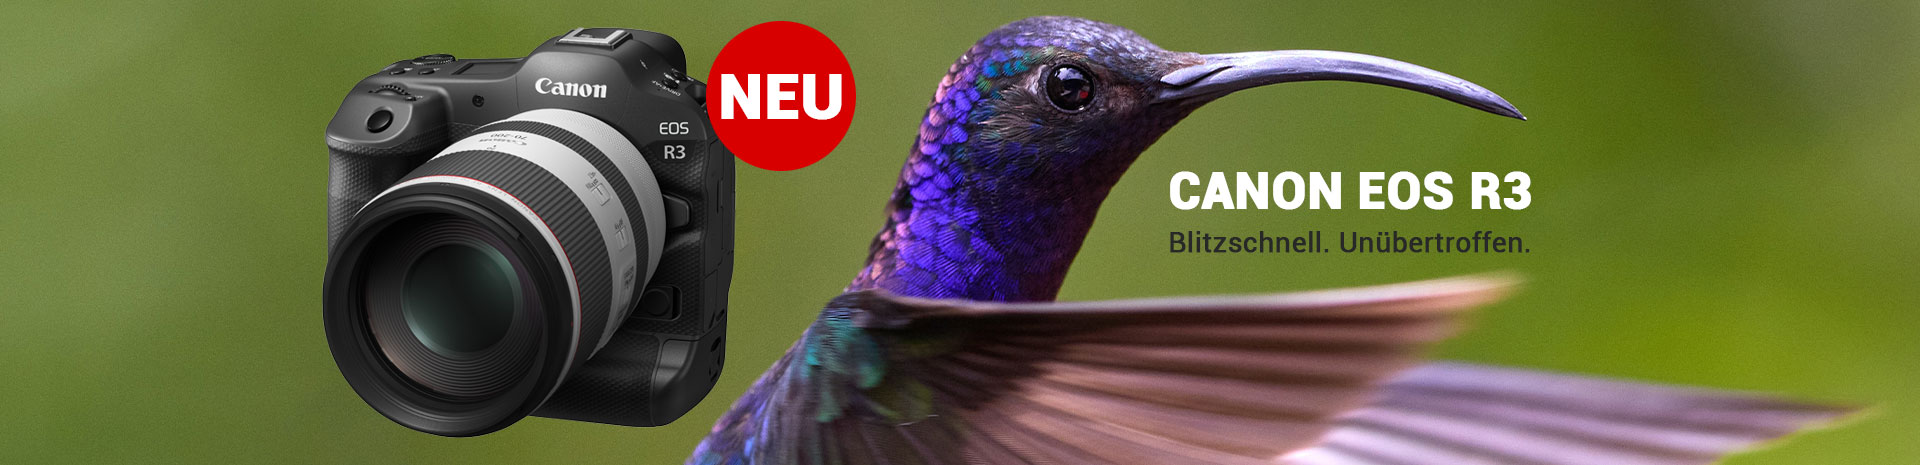 Canon EOS R3 jetzt NEU bei Fotomax in Nürnberg und Berlin